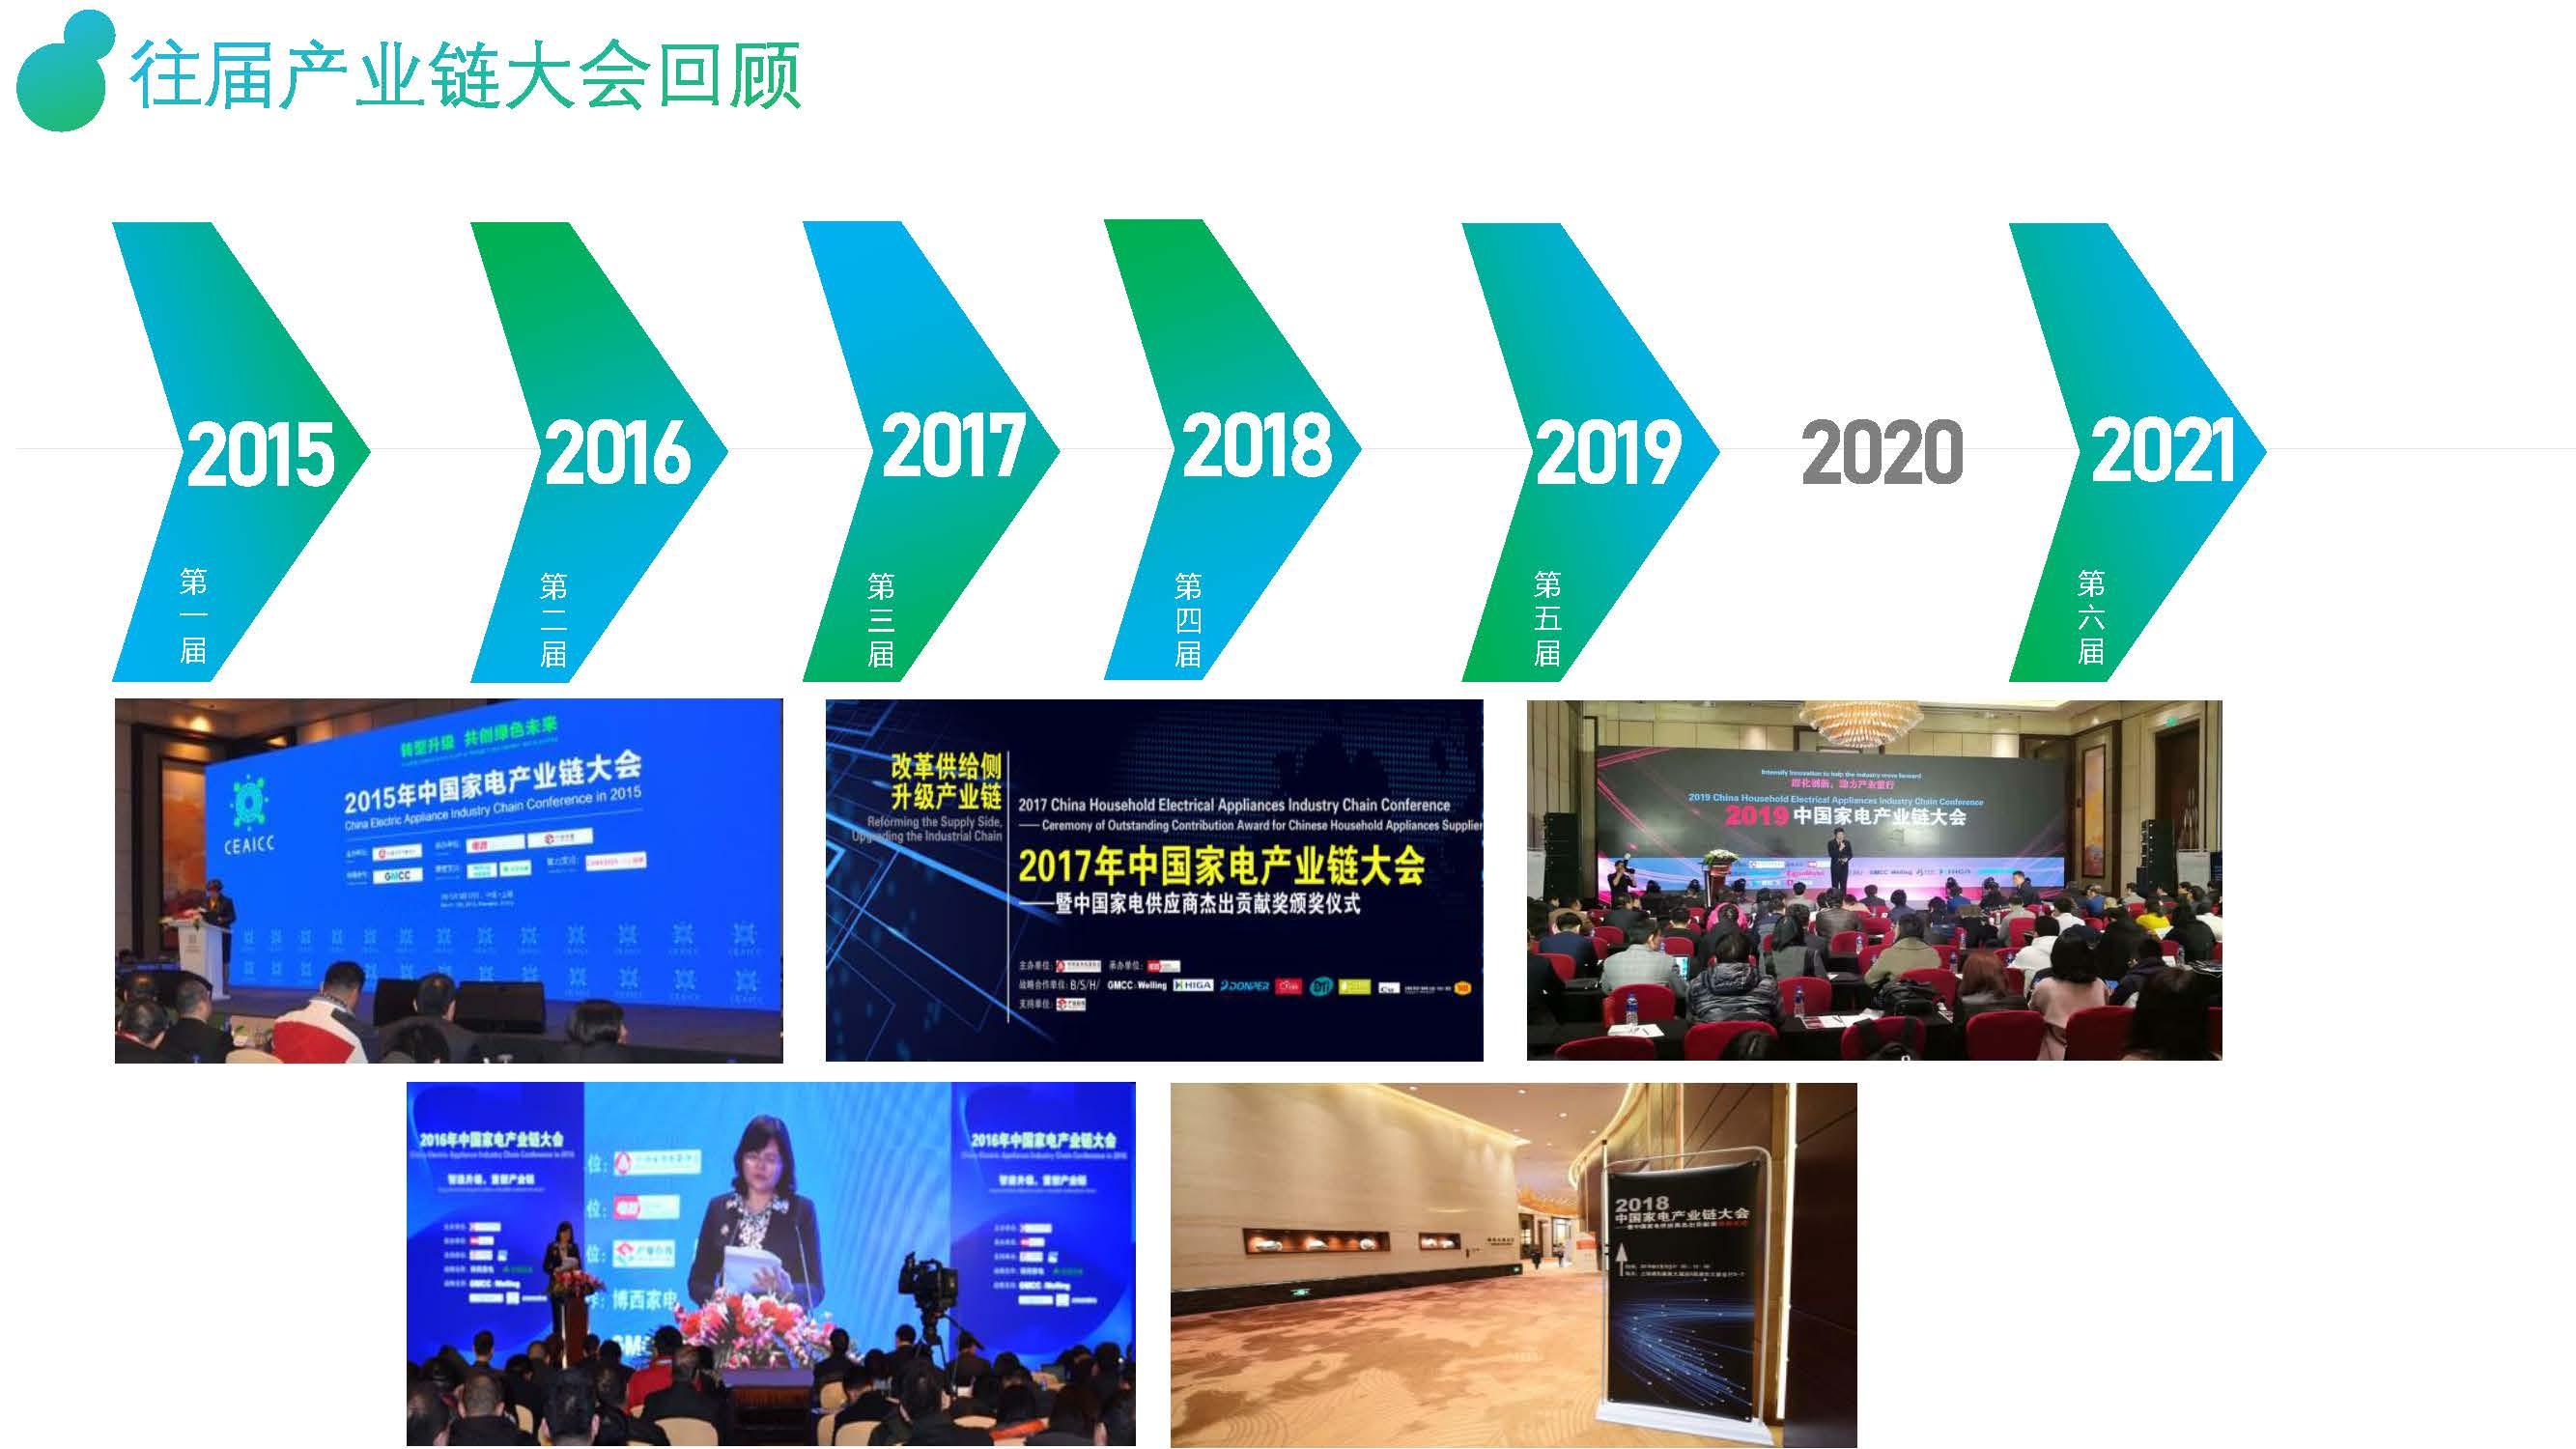 2021产业联大会方案 上交!_页面_06.jpg